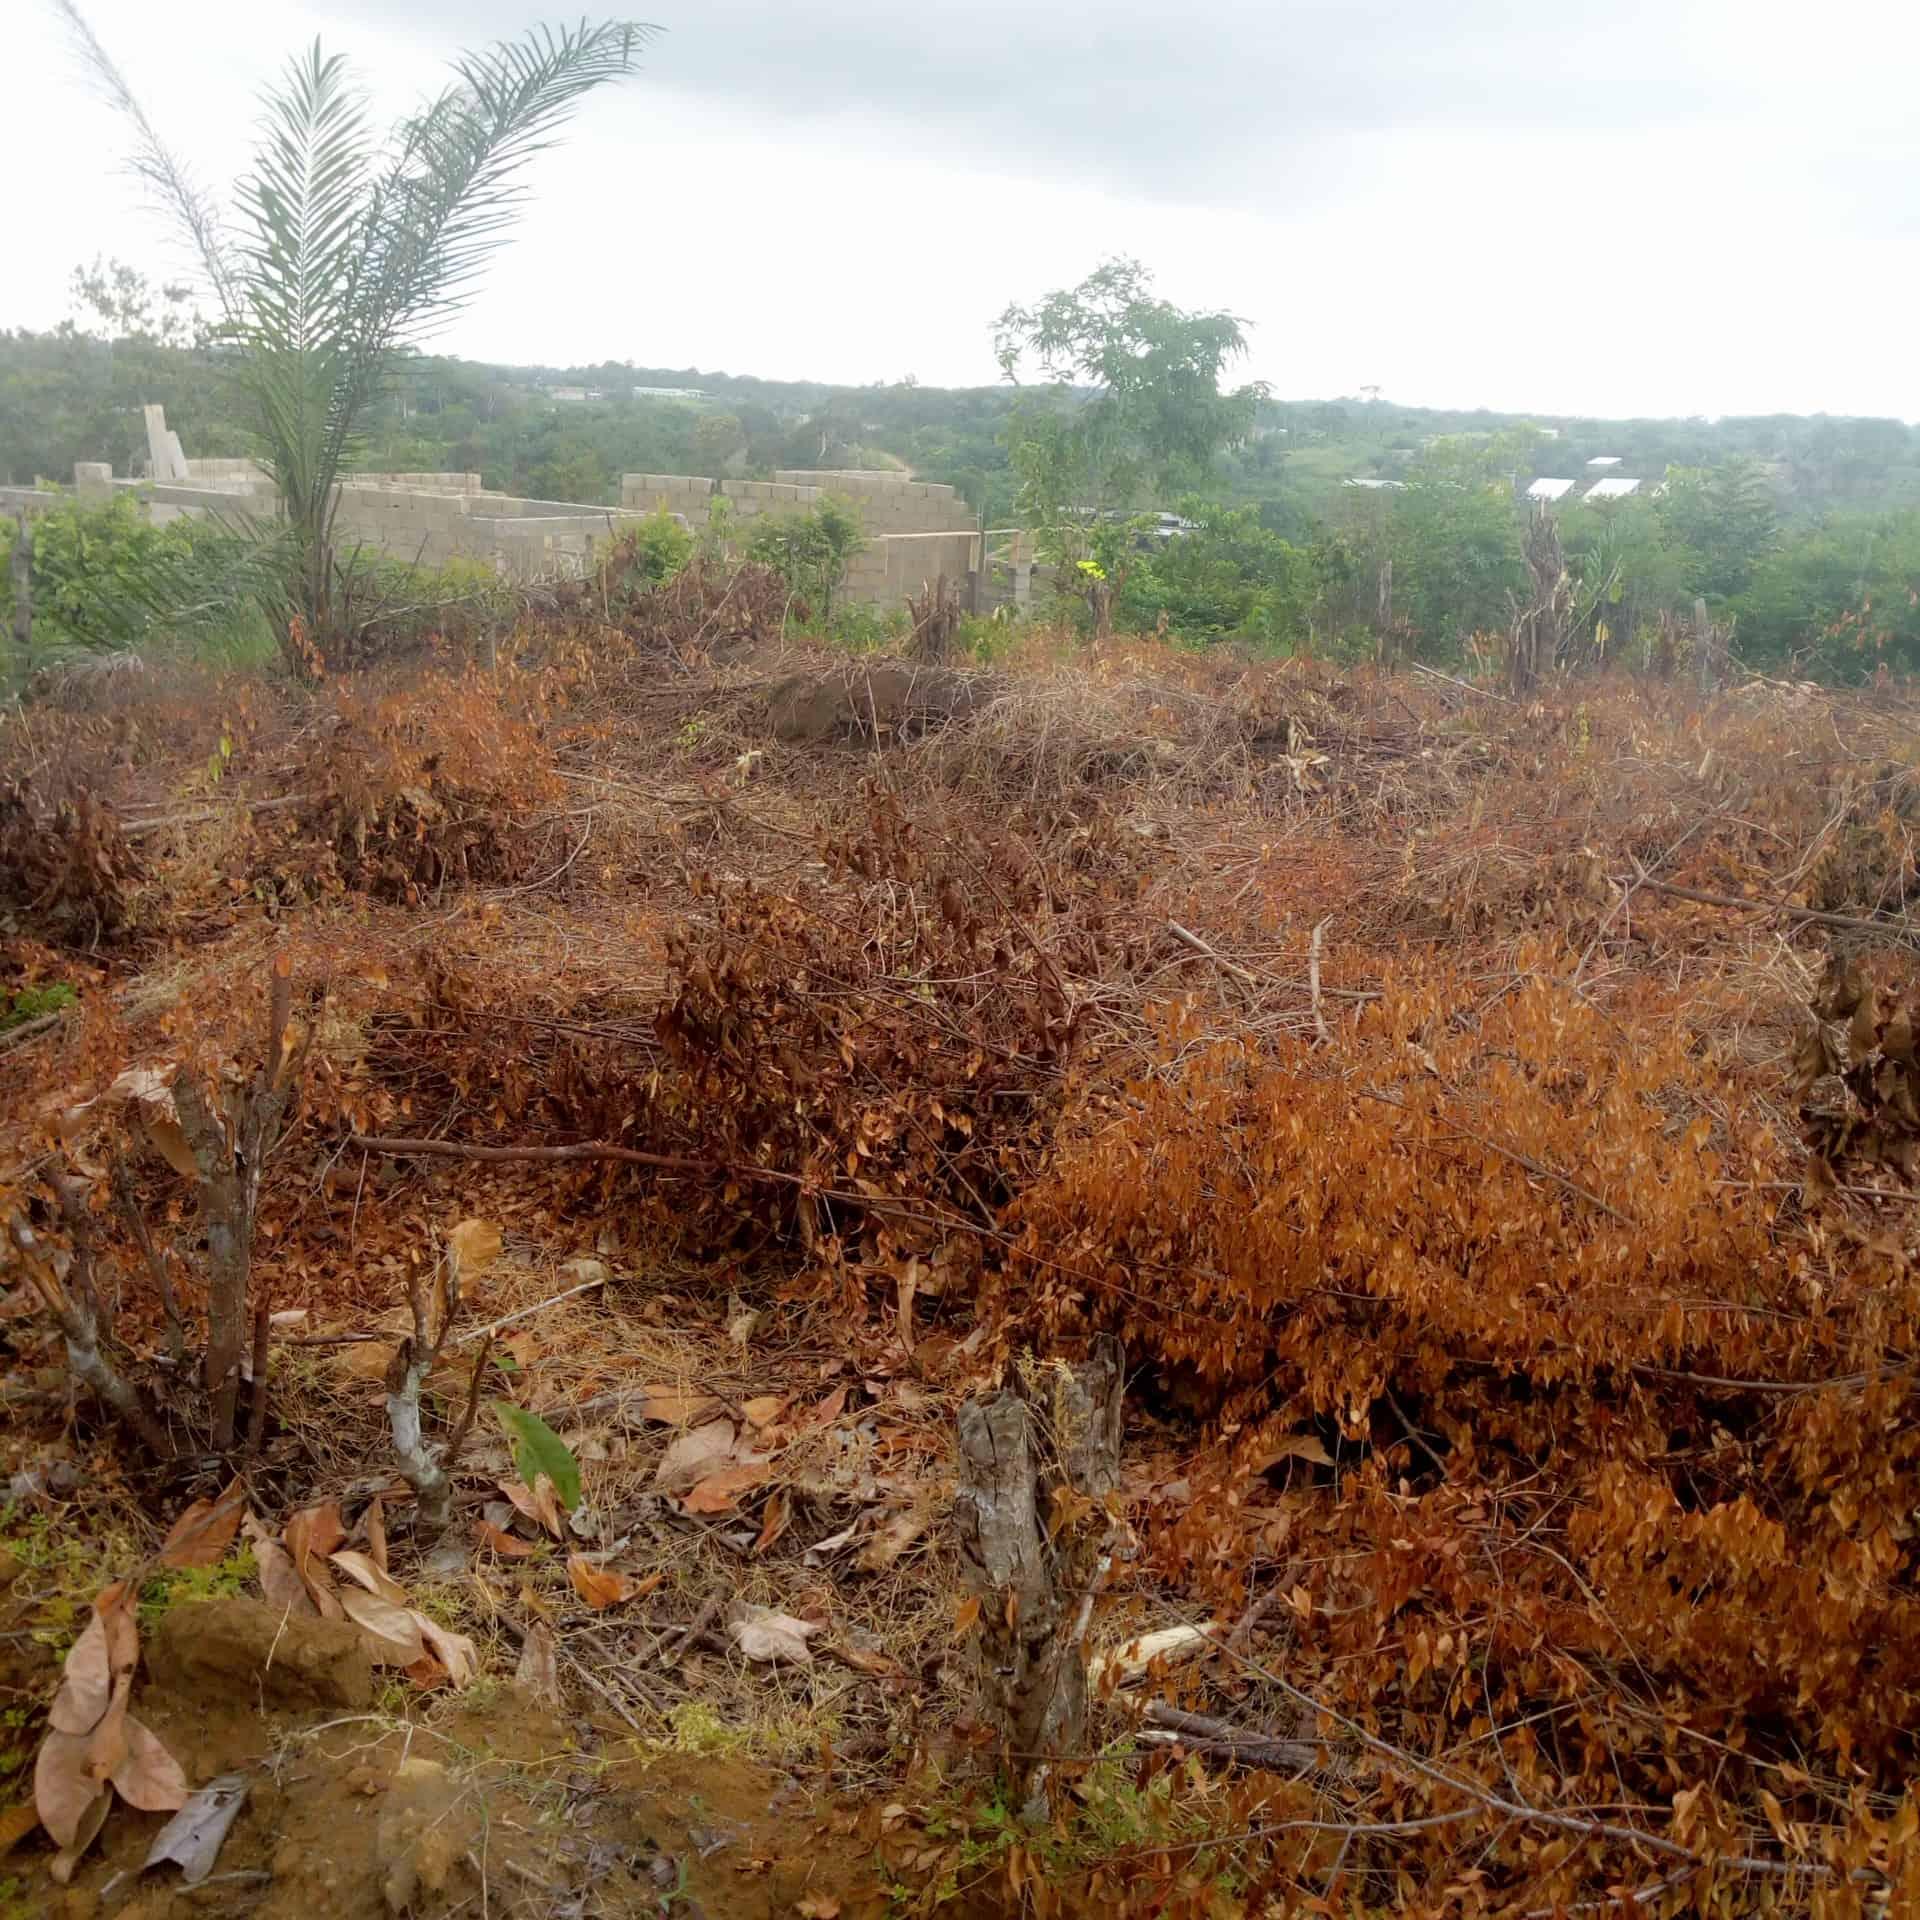 Land for sale at Douala, PK 21, Pk21 - 2000 m2 - 50 000 000 FCFA